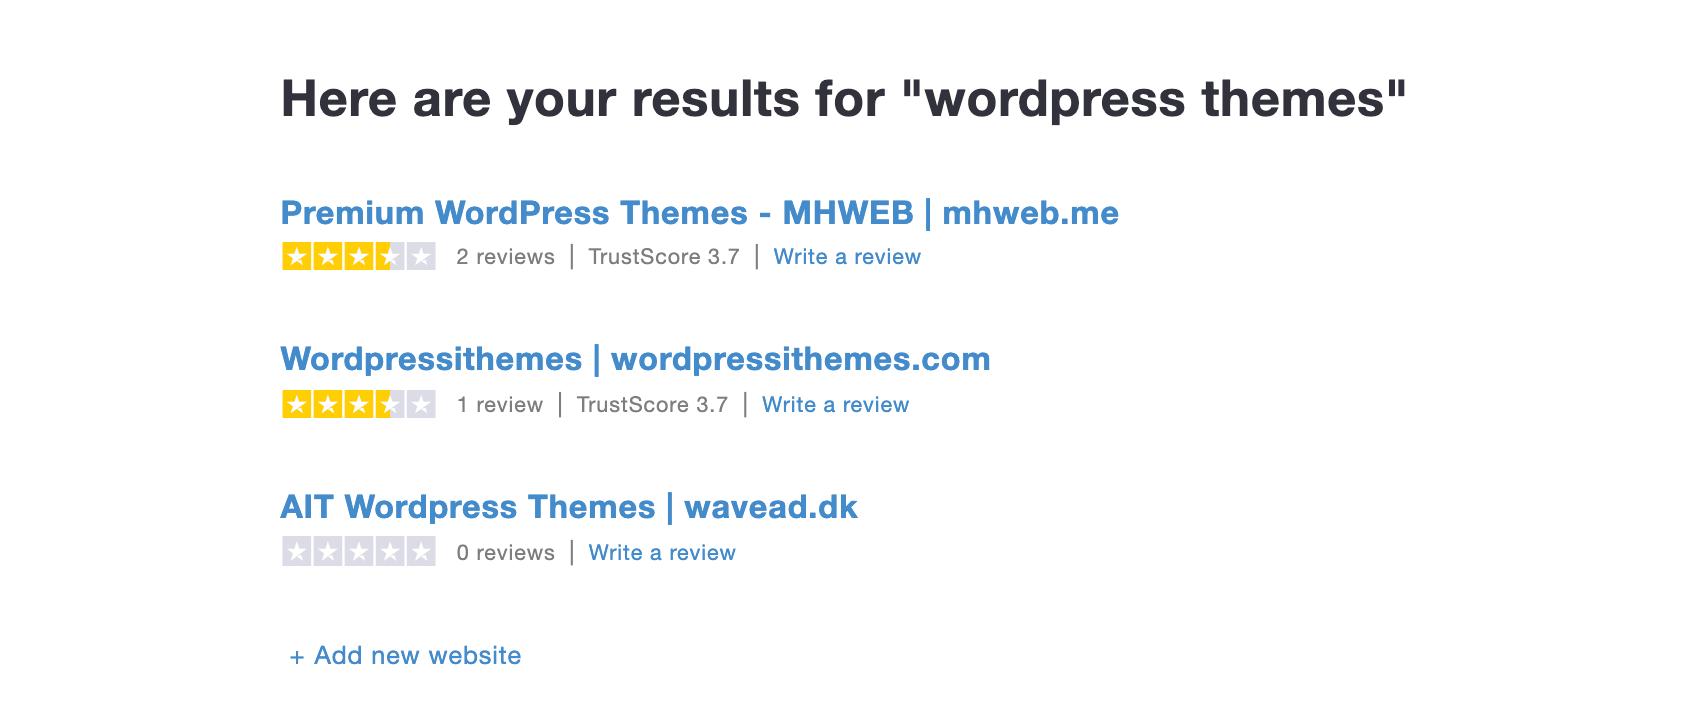 Trustpilot search results.